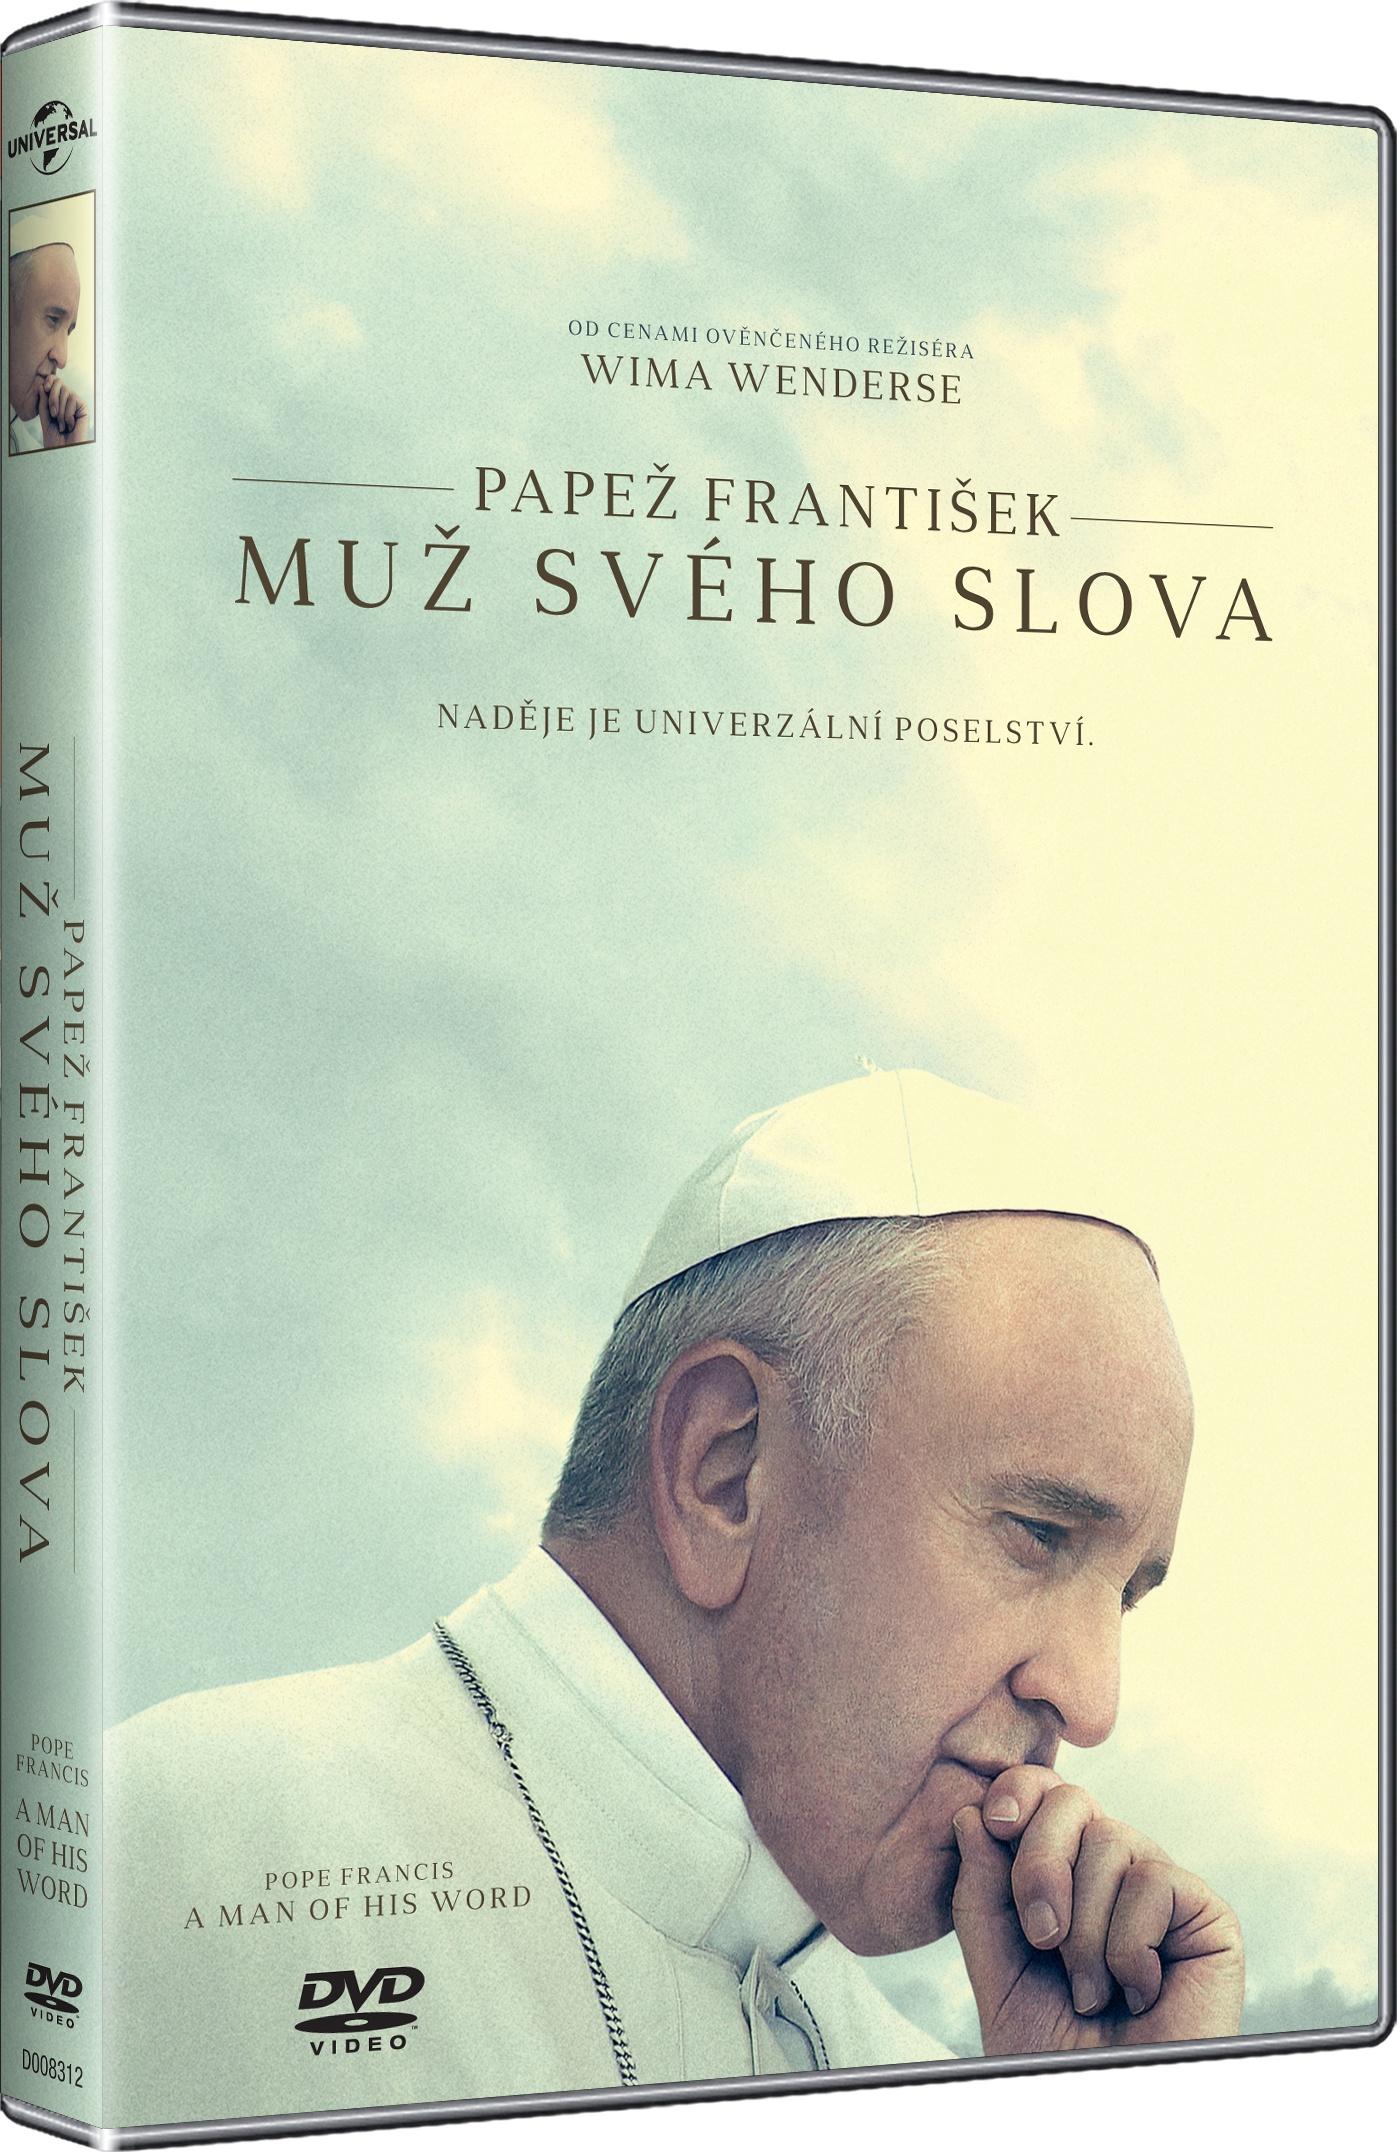 Papež František: Muž svého slova